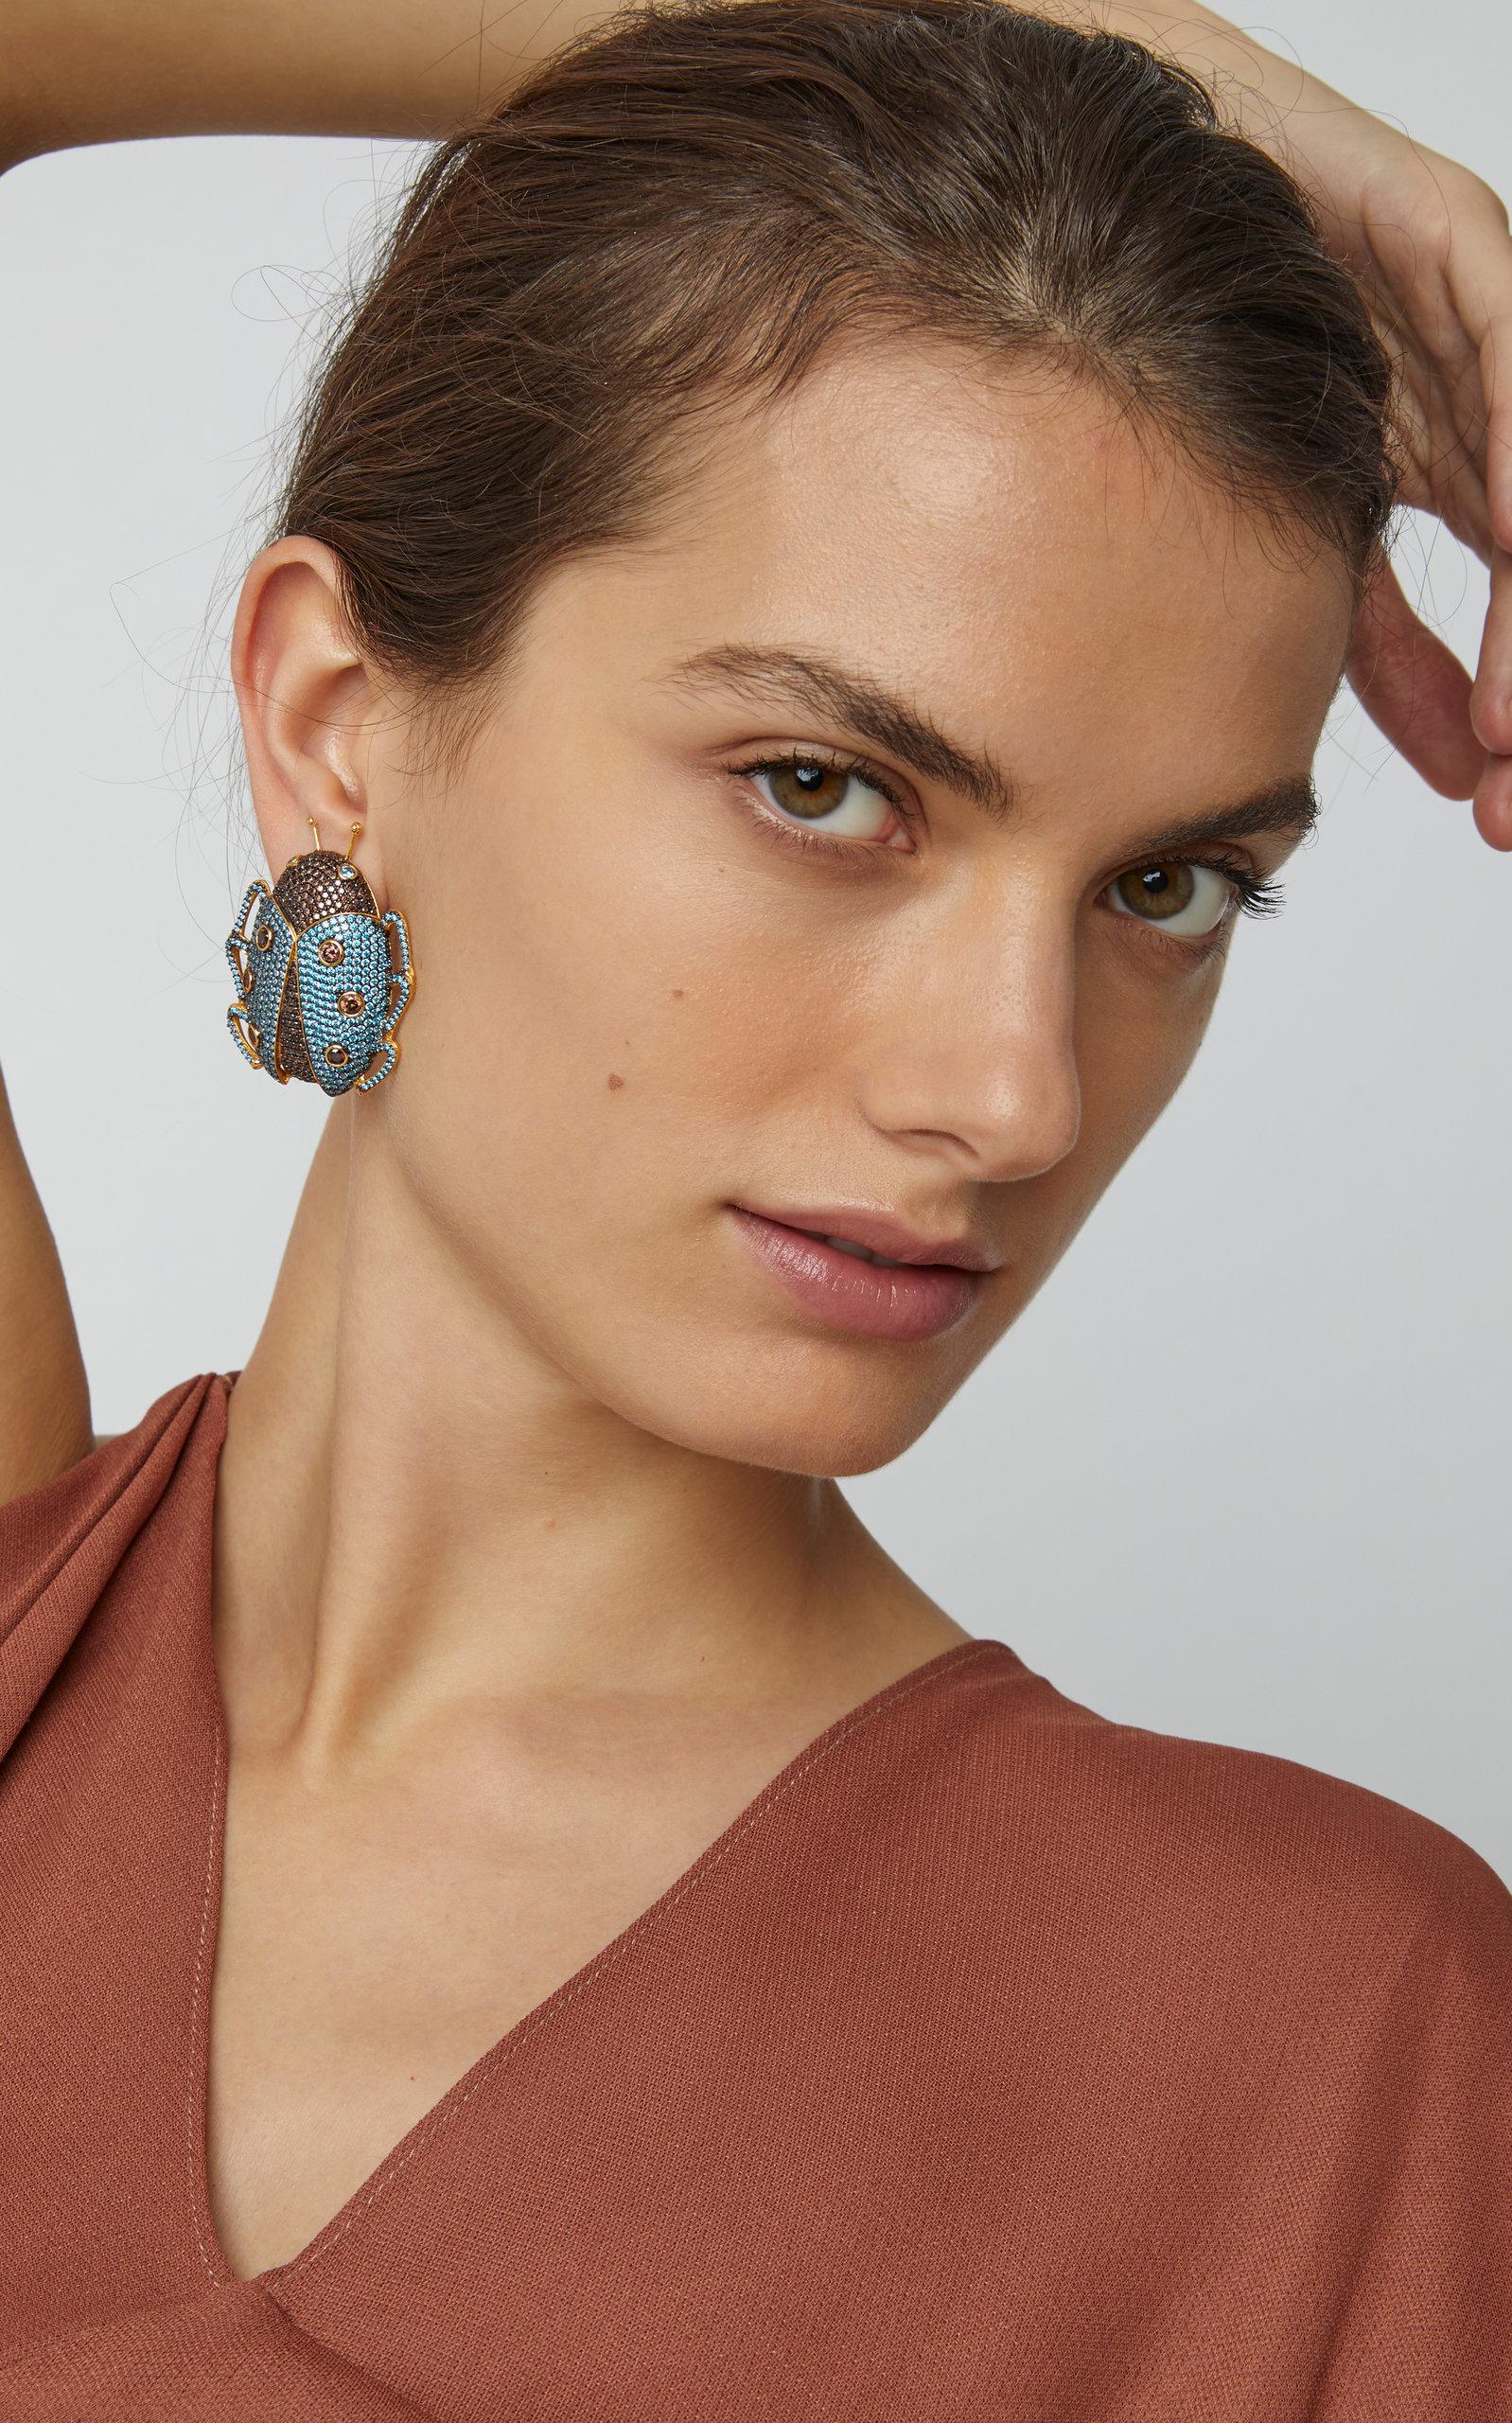 17e59375ae4e0 Lady Beetle 24K Gold-Plated Crystal Earrings